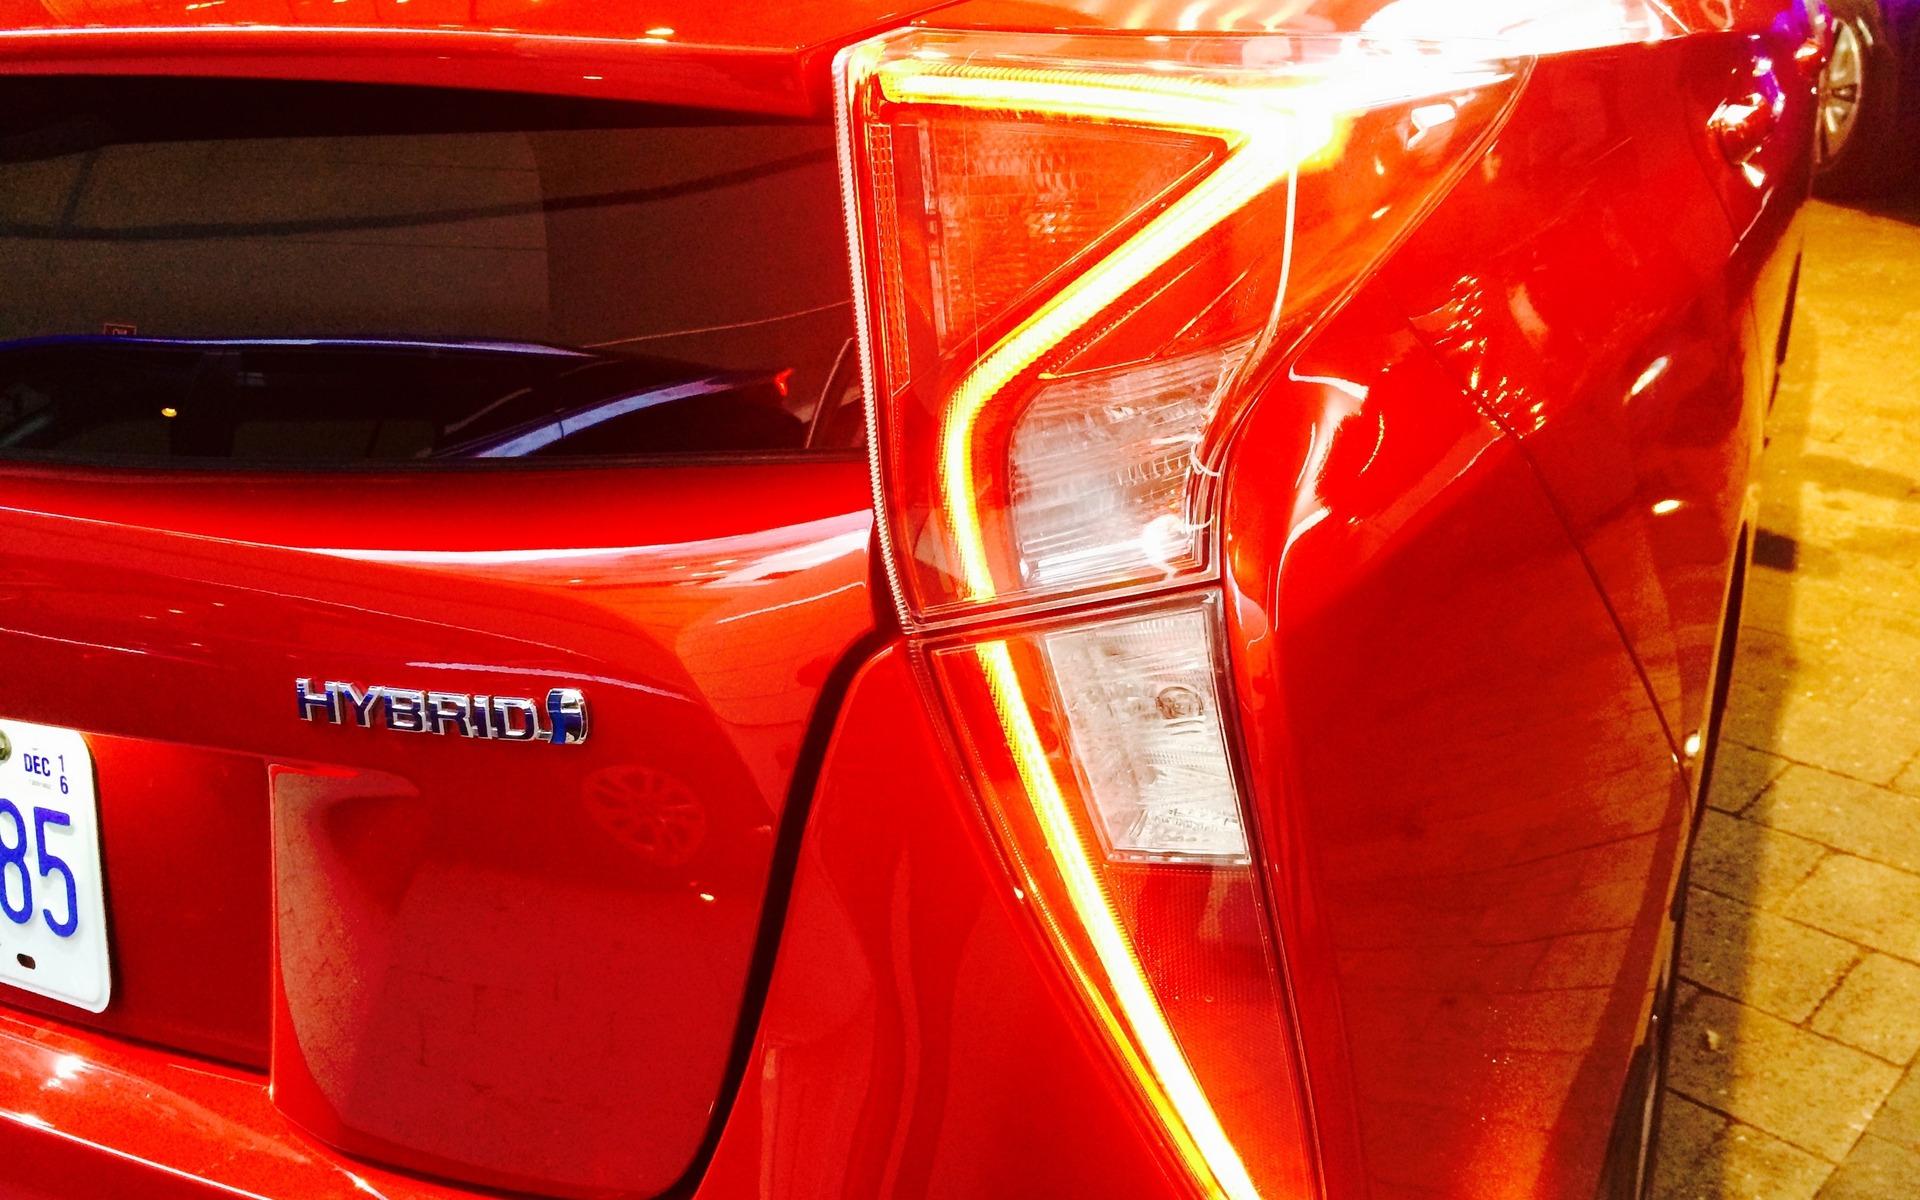 Toyota Prius 2016 - Design polarisant de la partie arrière.